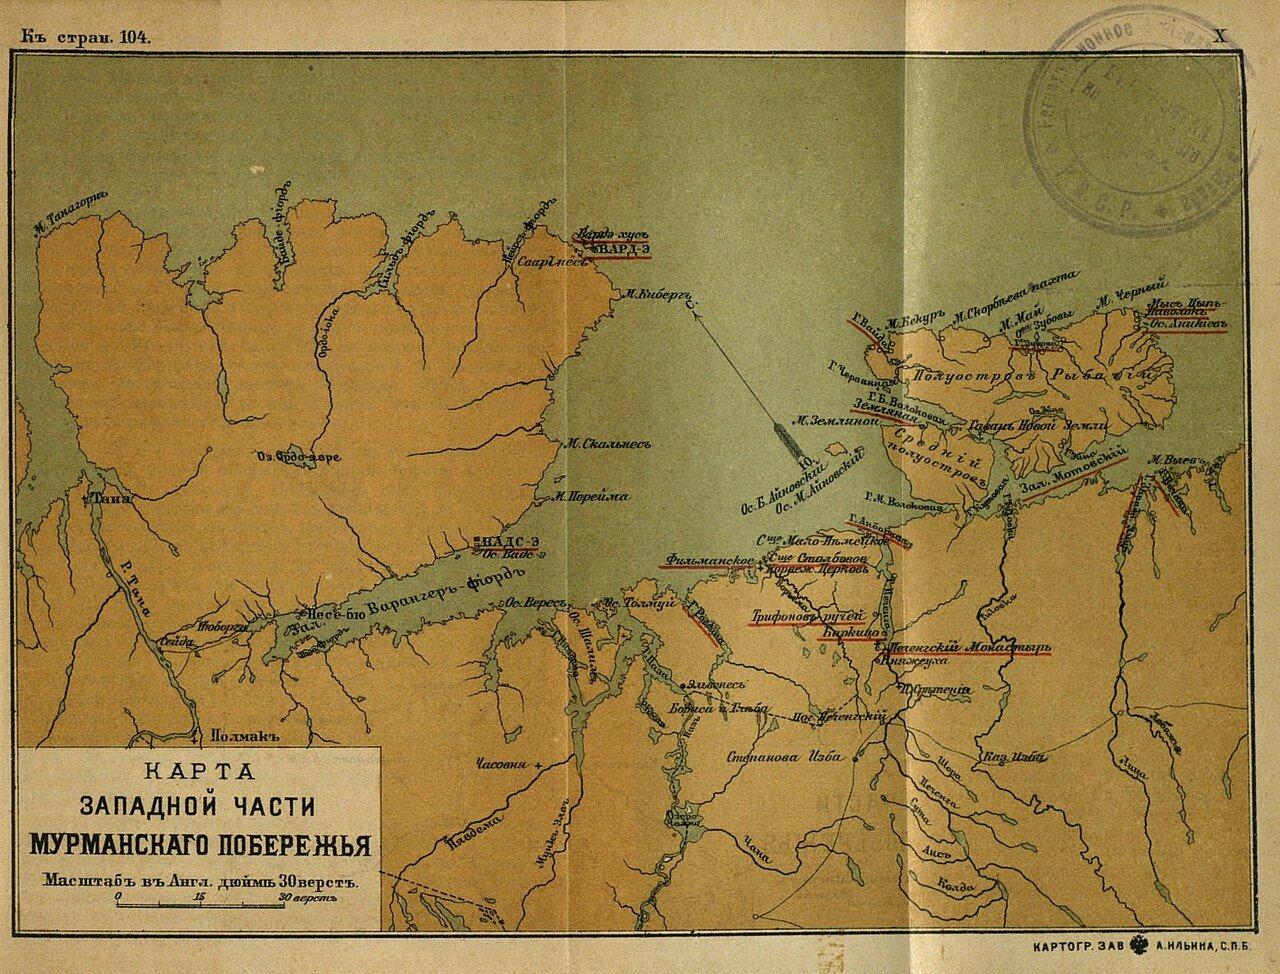 Мурманское побережье. Западная часть, 1899